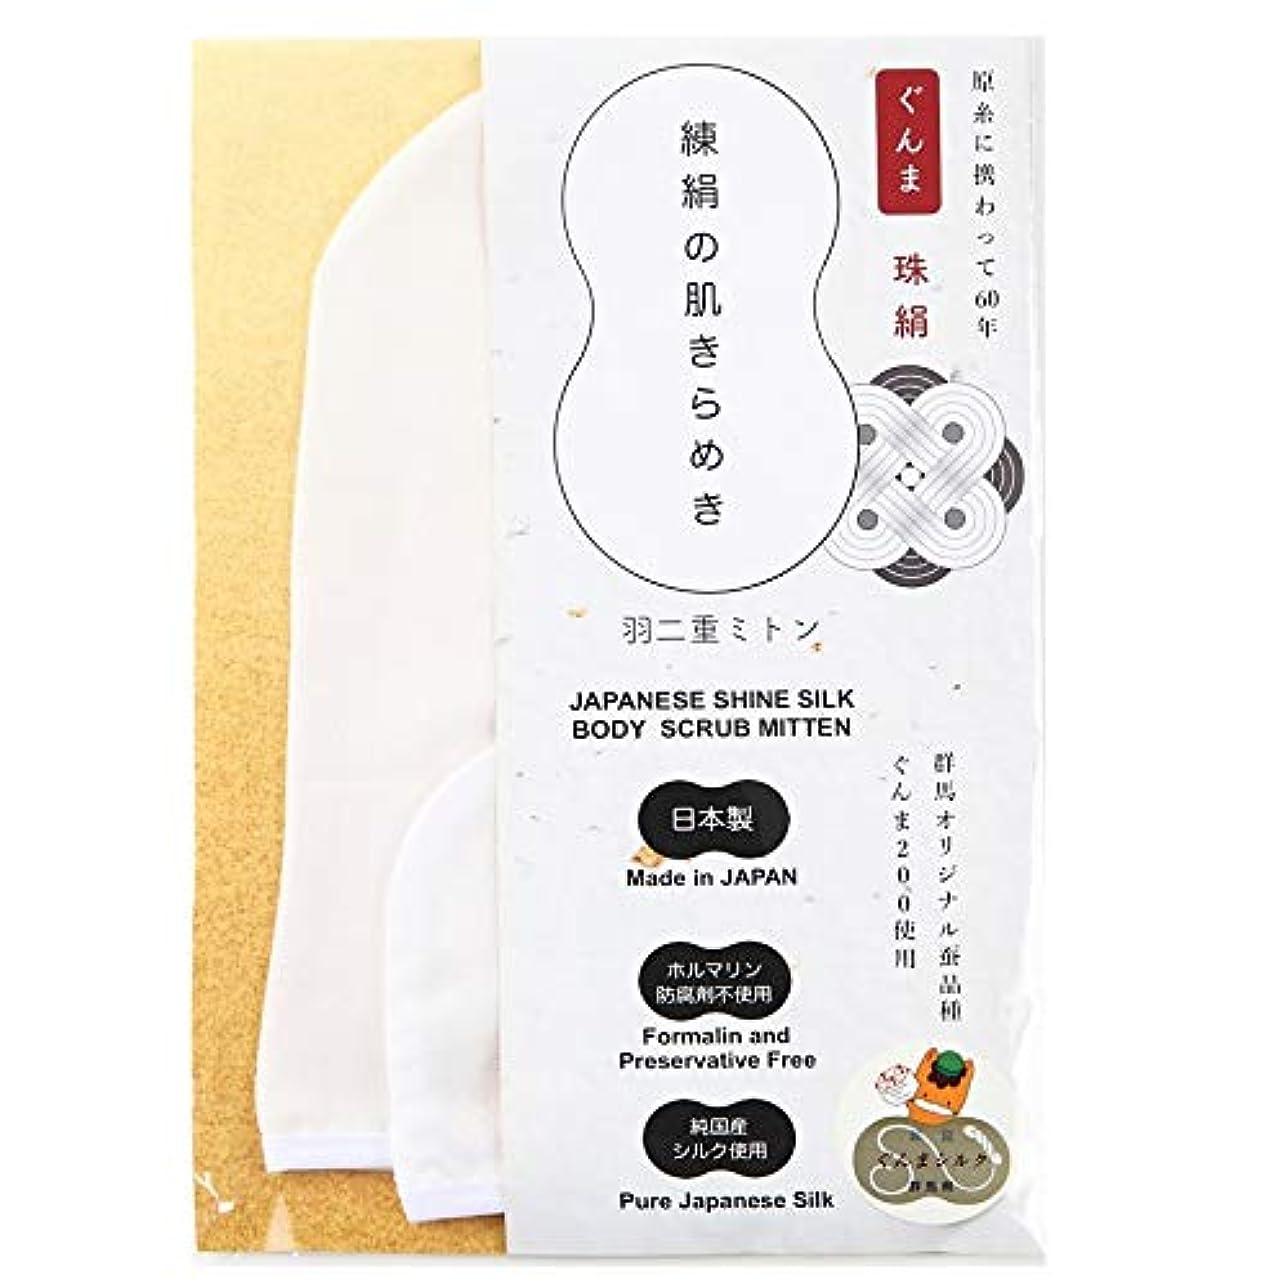 コードアンティーク創始者くーる&ほっと シルクあかすりミトン 純国産絹100%「珠絹(たまぎぬ) 練絹の肌きらめき」ぐんまシルク (群馬県内で一貫製造) 日本製 シルクプロテイン?フィブロインの力で角質ケアボディスクラブミトン 大小セット 羽二重ミトン